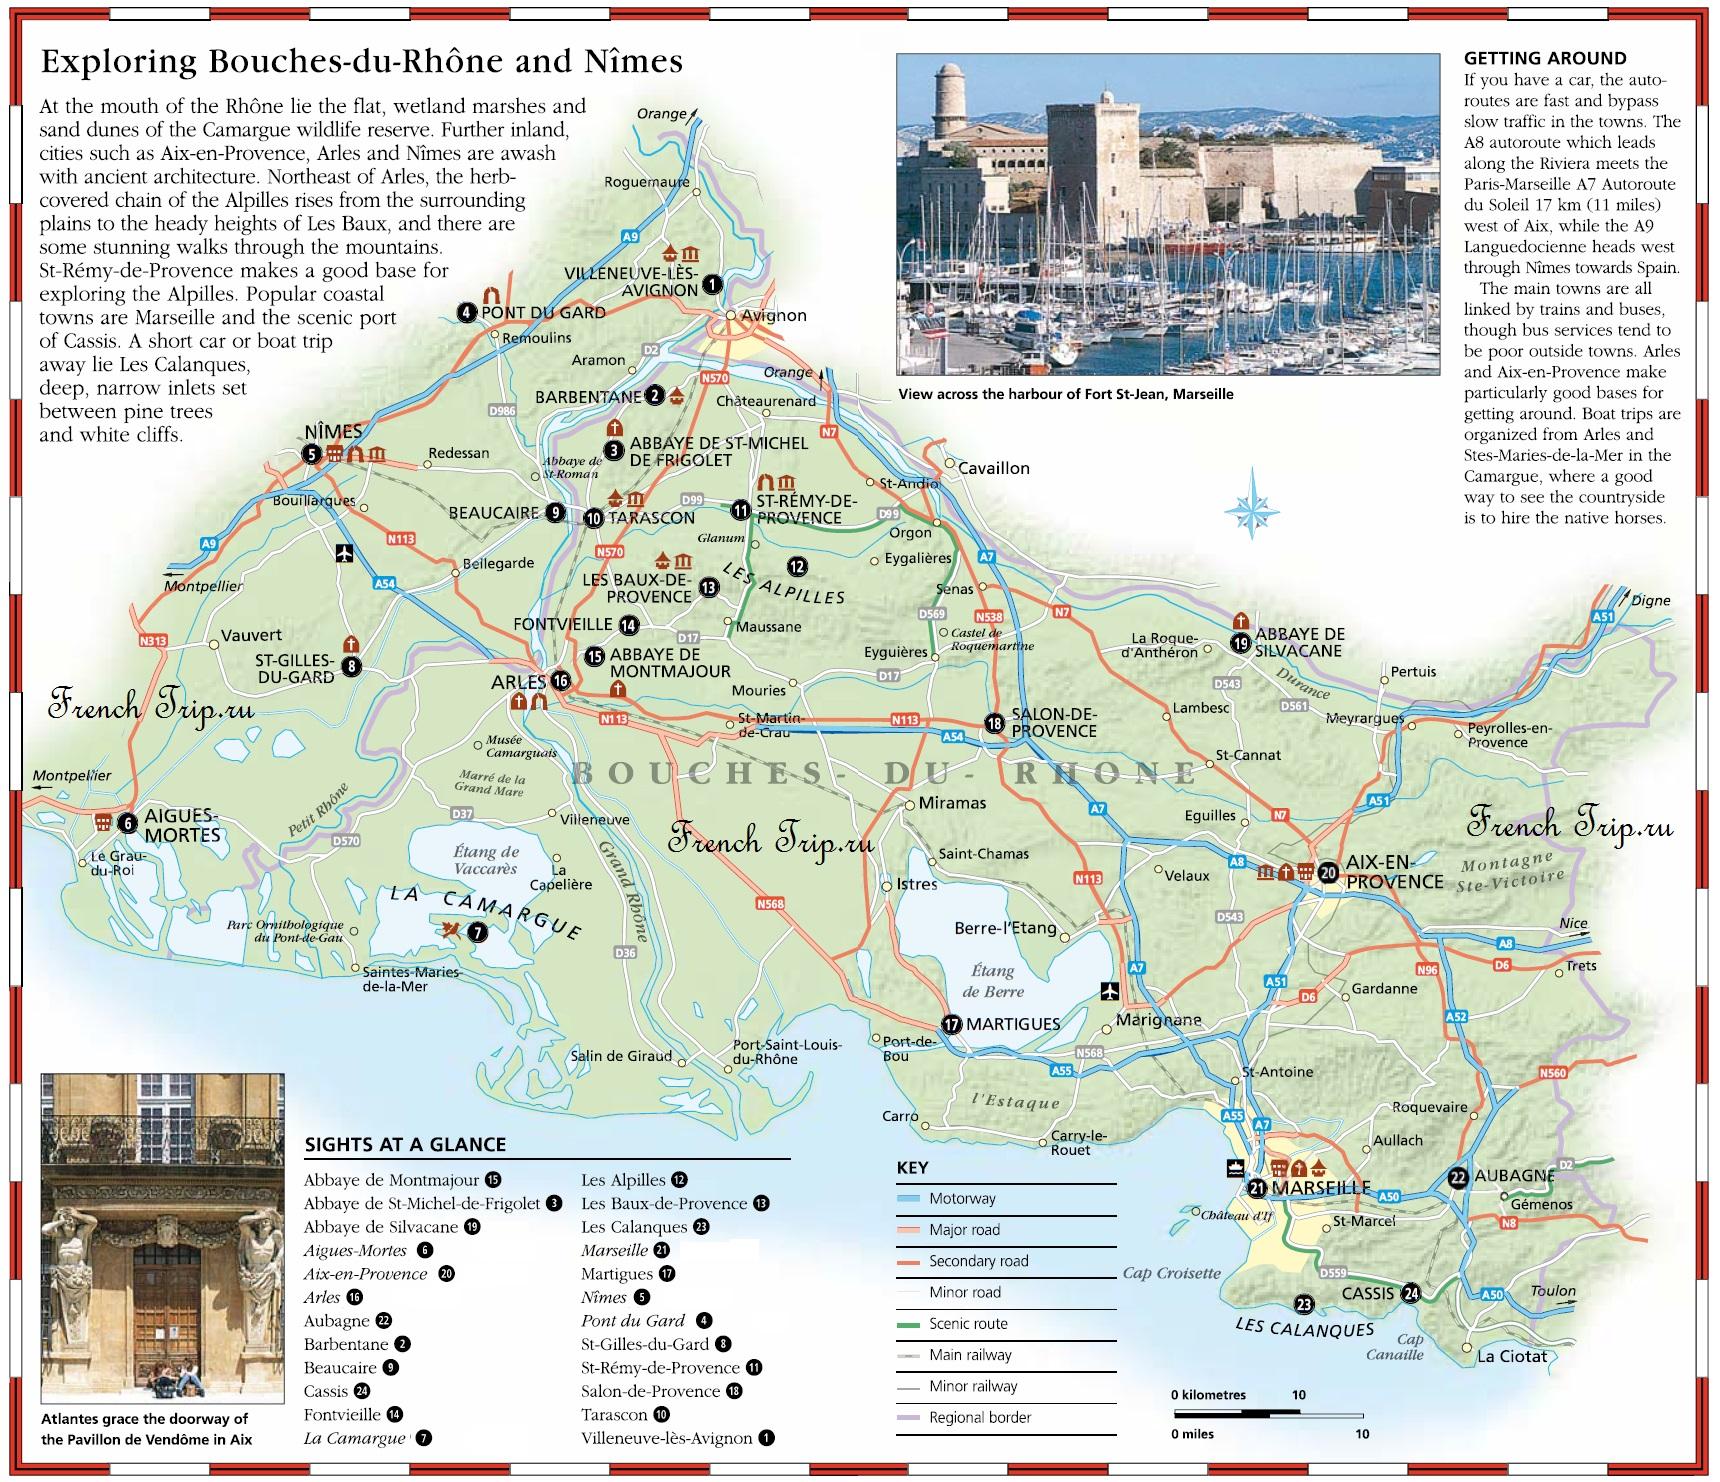 Карта достопримечательностей департамента Буш-дю-Рон - в окрестностях Барбантана